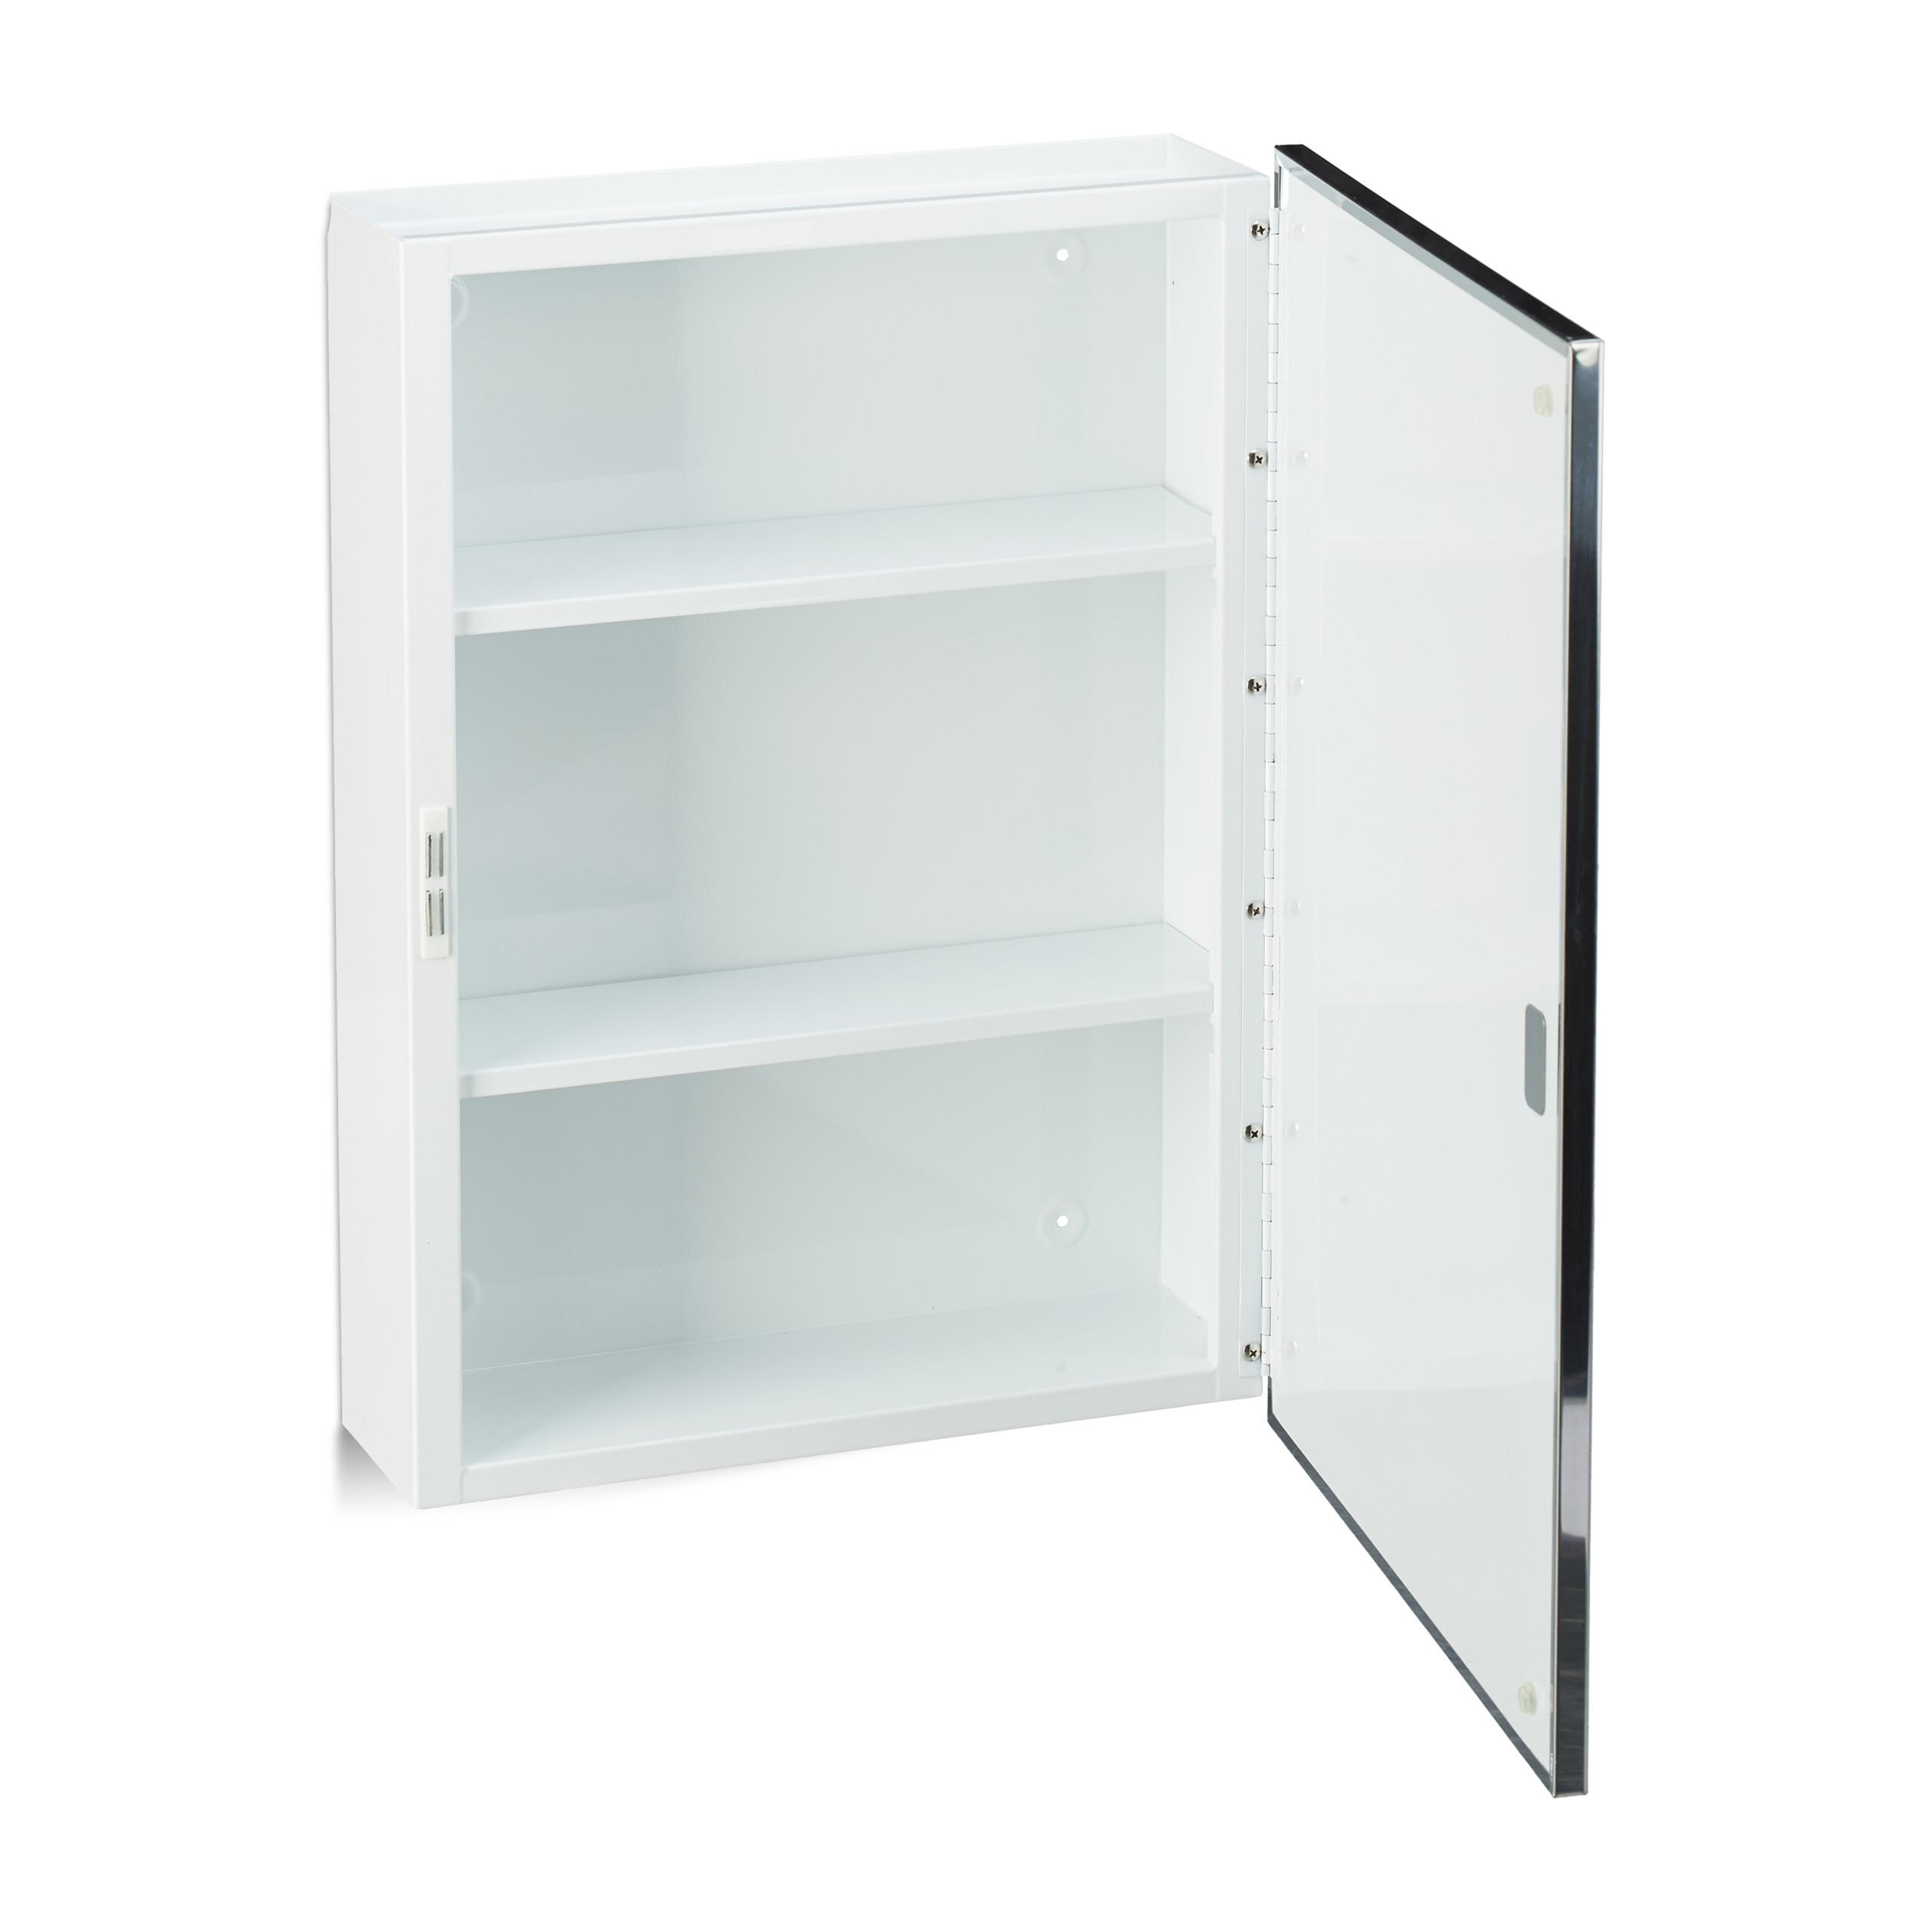 Armadietto a specchio per il bagno pensile in acciaio 3 ripiani anta unica ebay - Scarpiera specchio anta unica ...